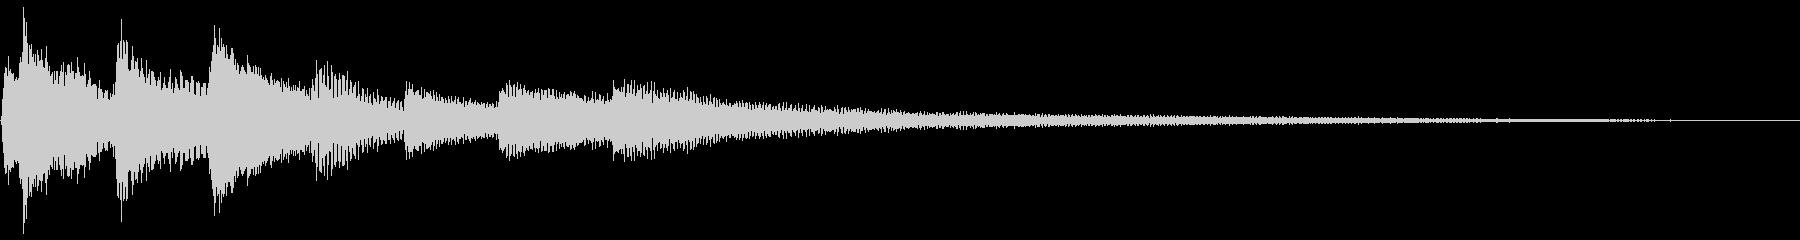 予感の音/ピアノ【1】の未再生の波形